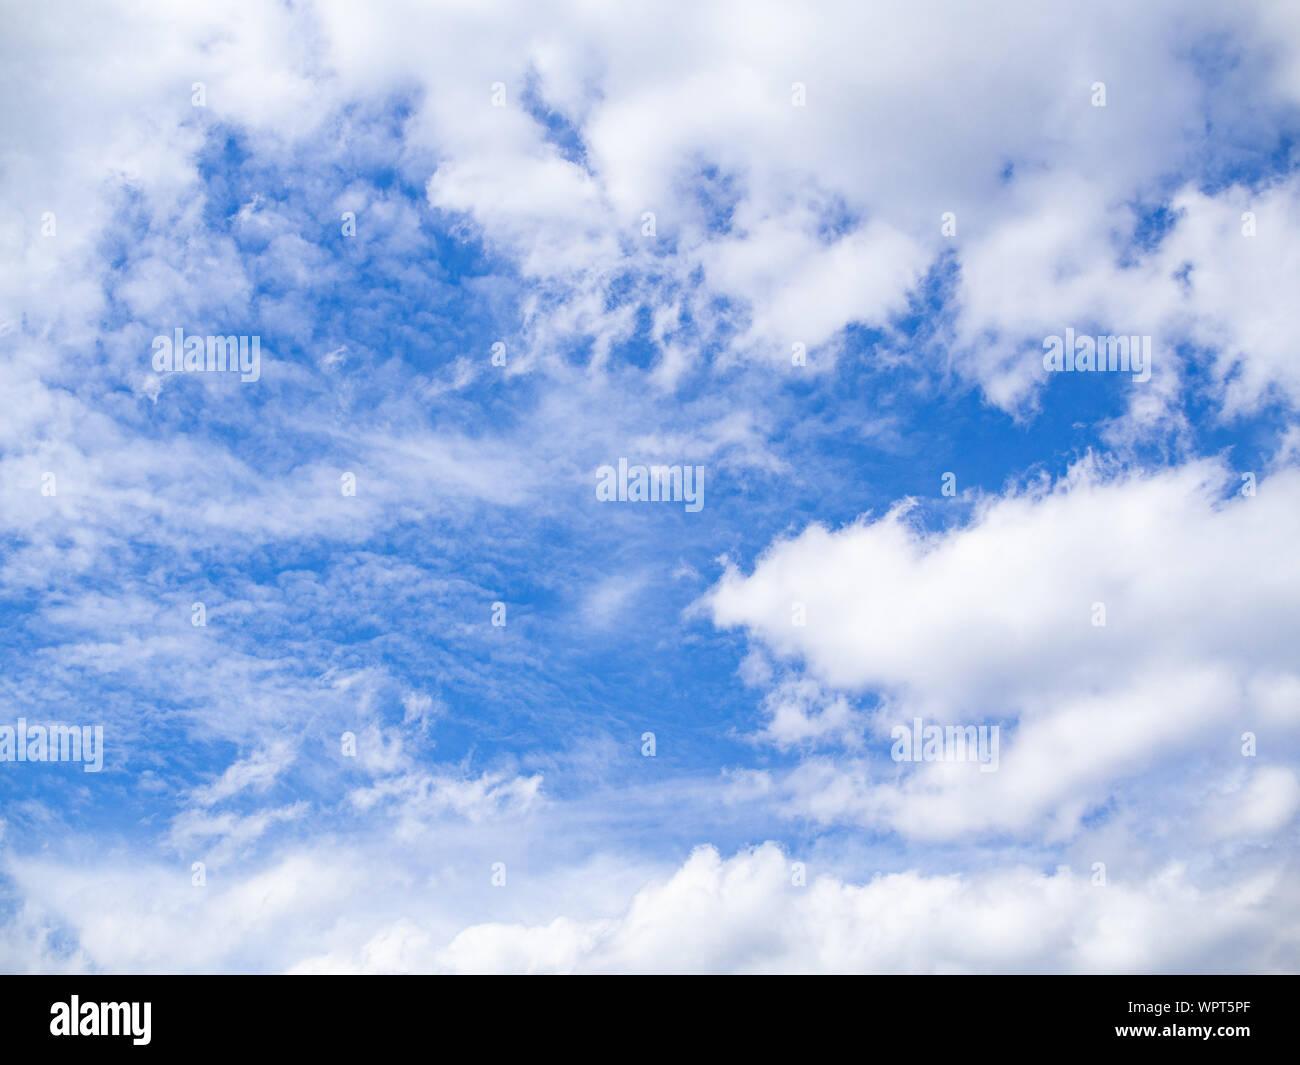 Cielos azules brillando a través de nubes blancas. Antecedentes. Foto de stock